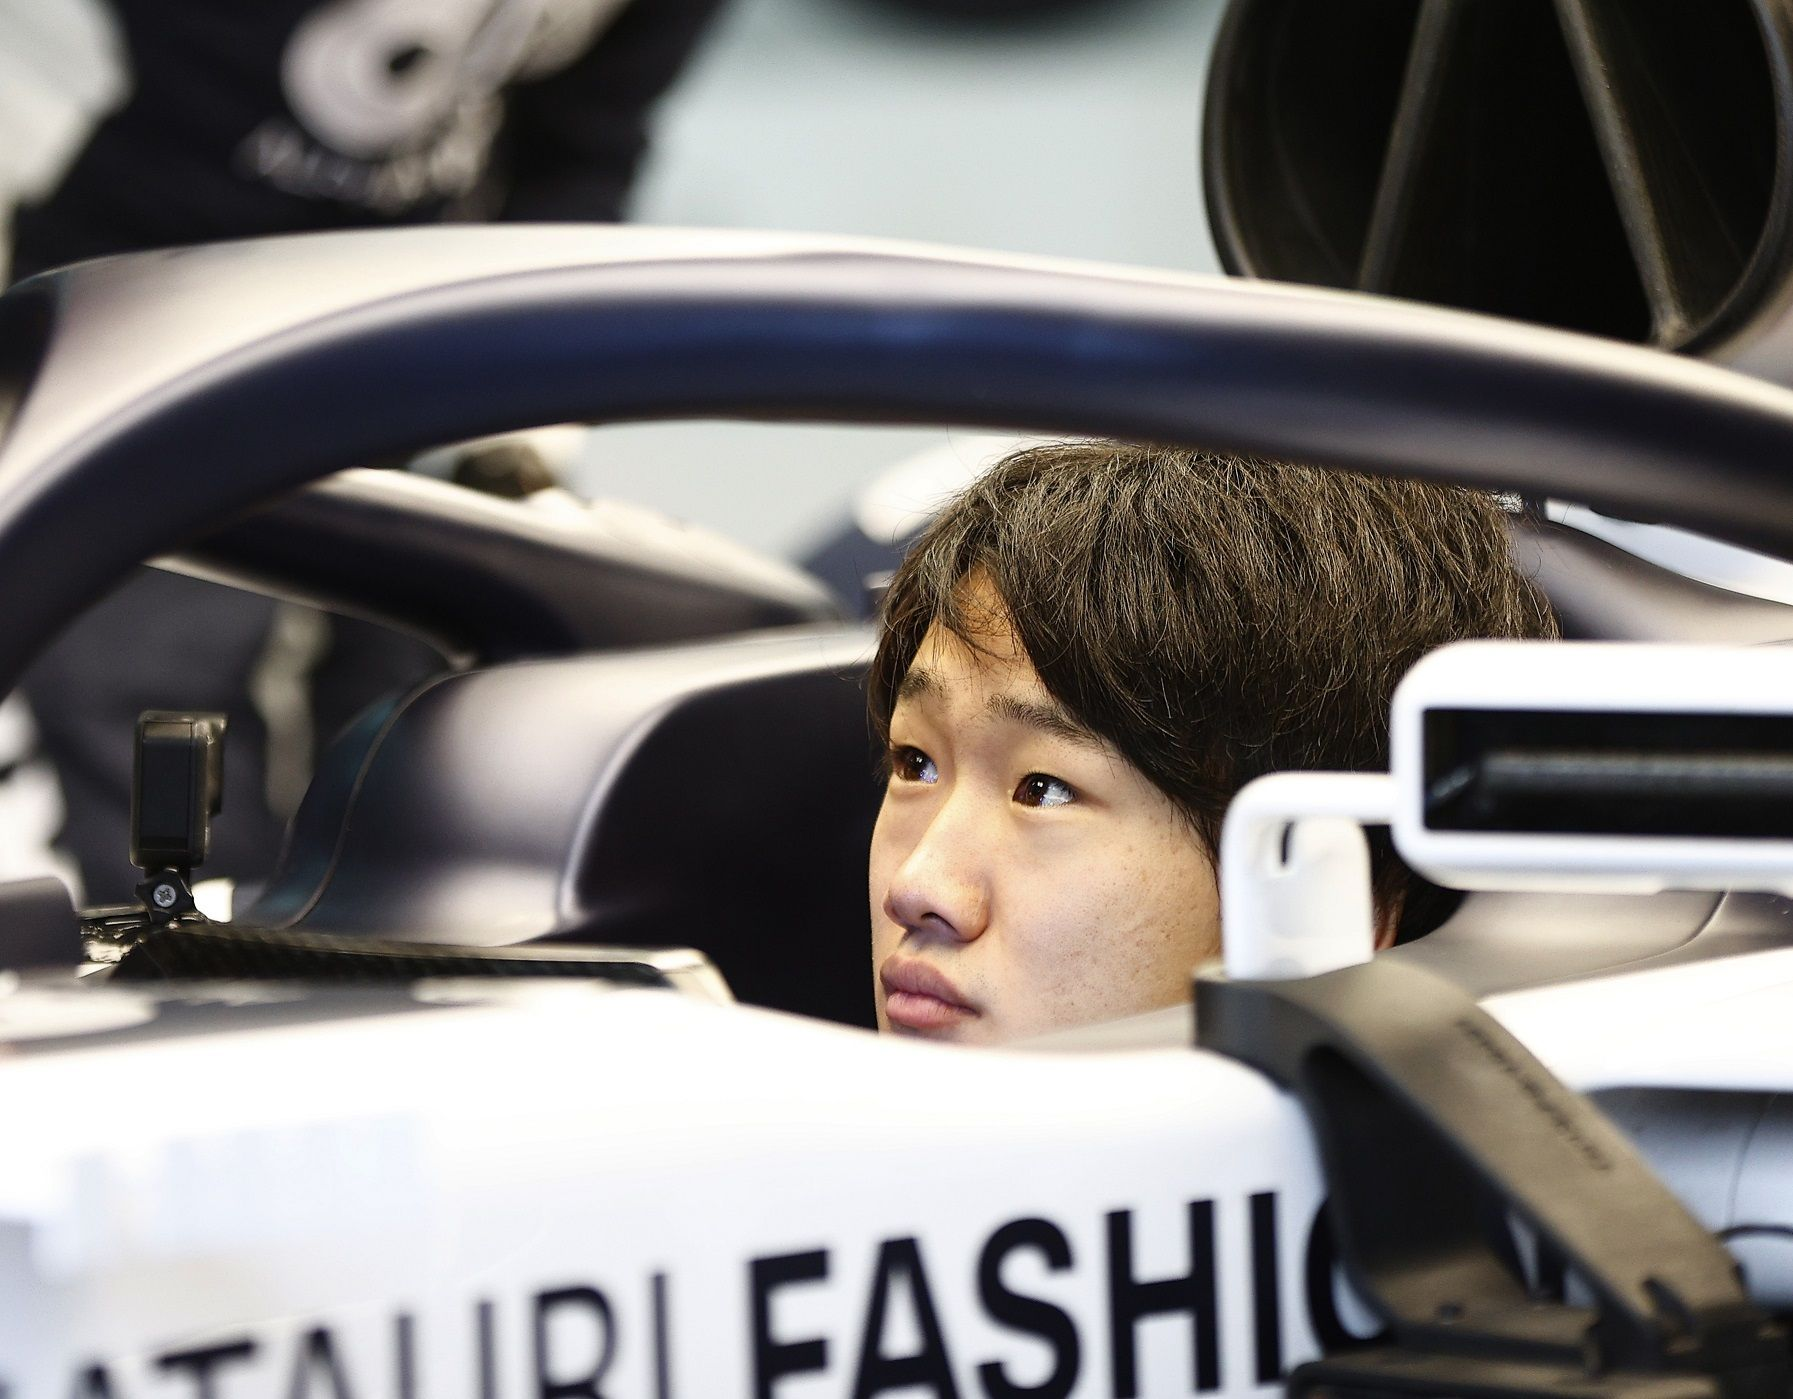 〈インタビュー〉7年ぶり日本人F1ドライバー、角田裕毅 ホンダ最後のシーズン 弱冠20歳が抱く野望とは